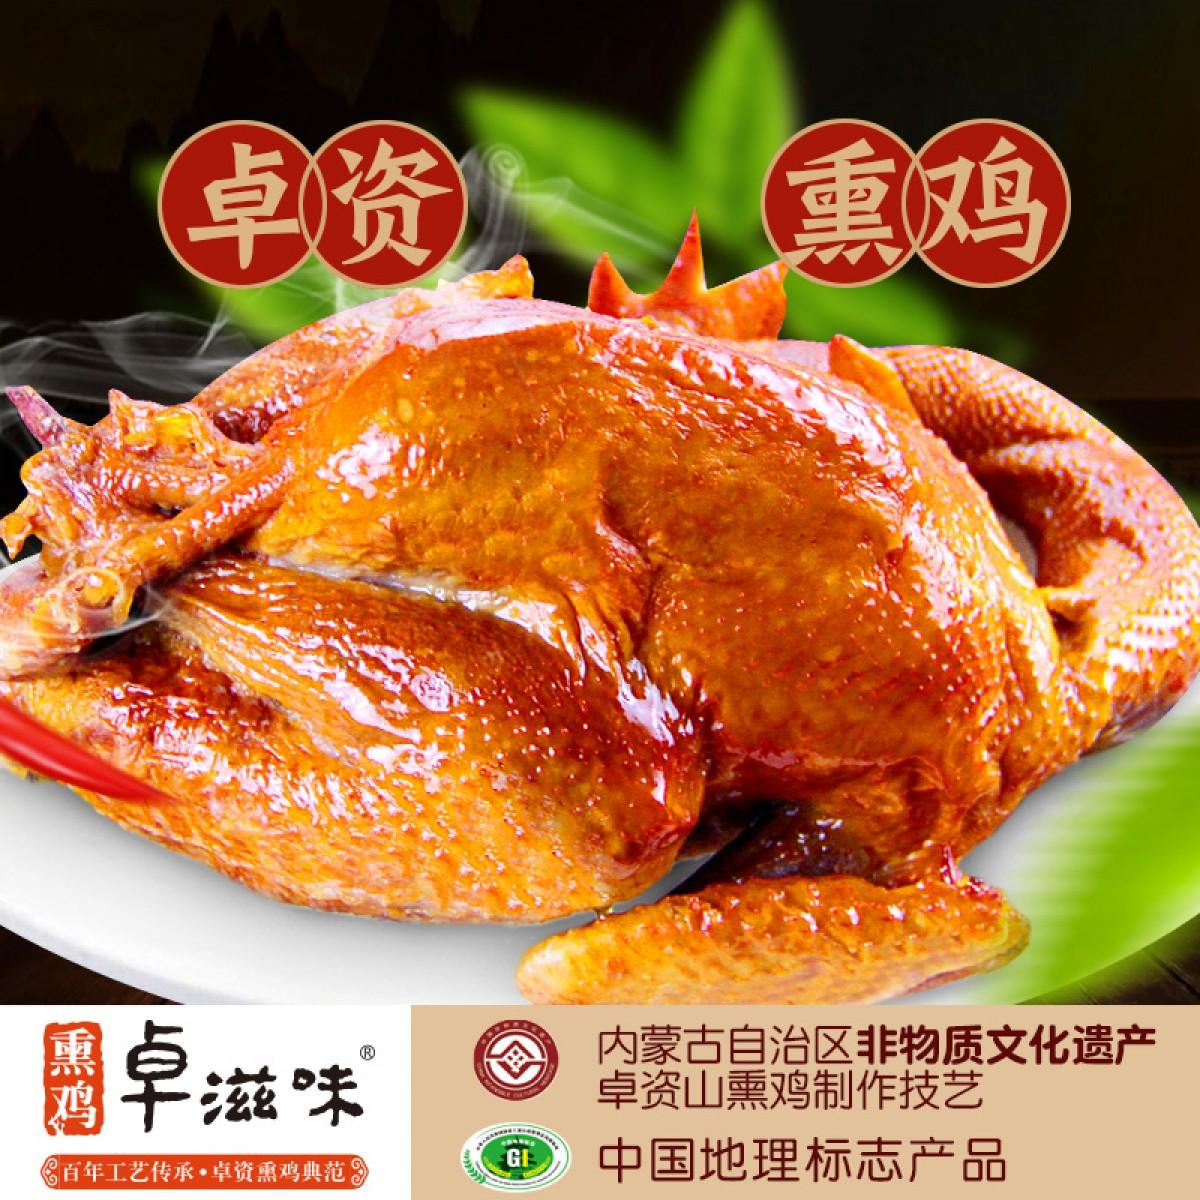 内蒙古卓滋味熏鸡900g*1只